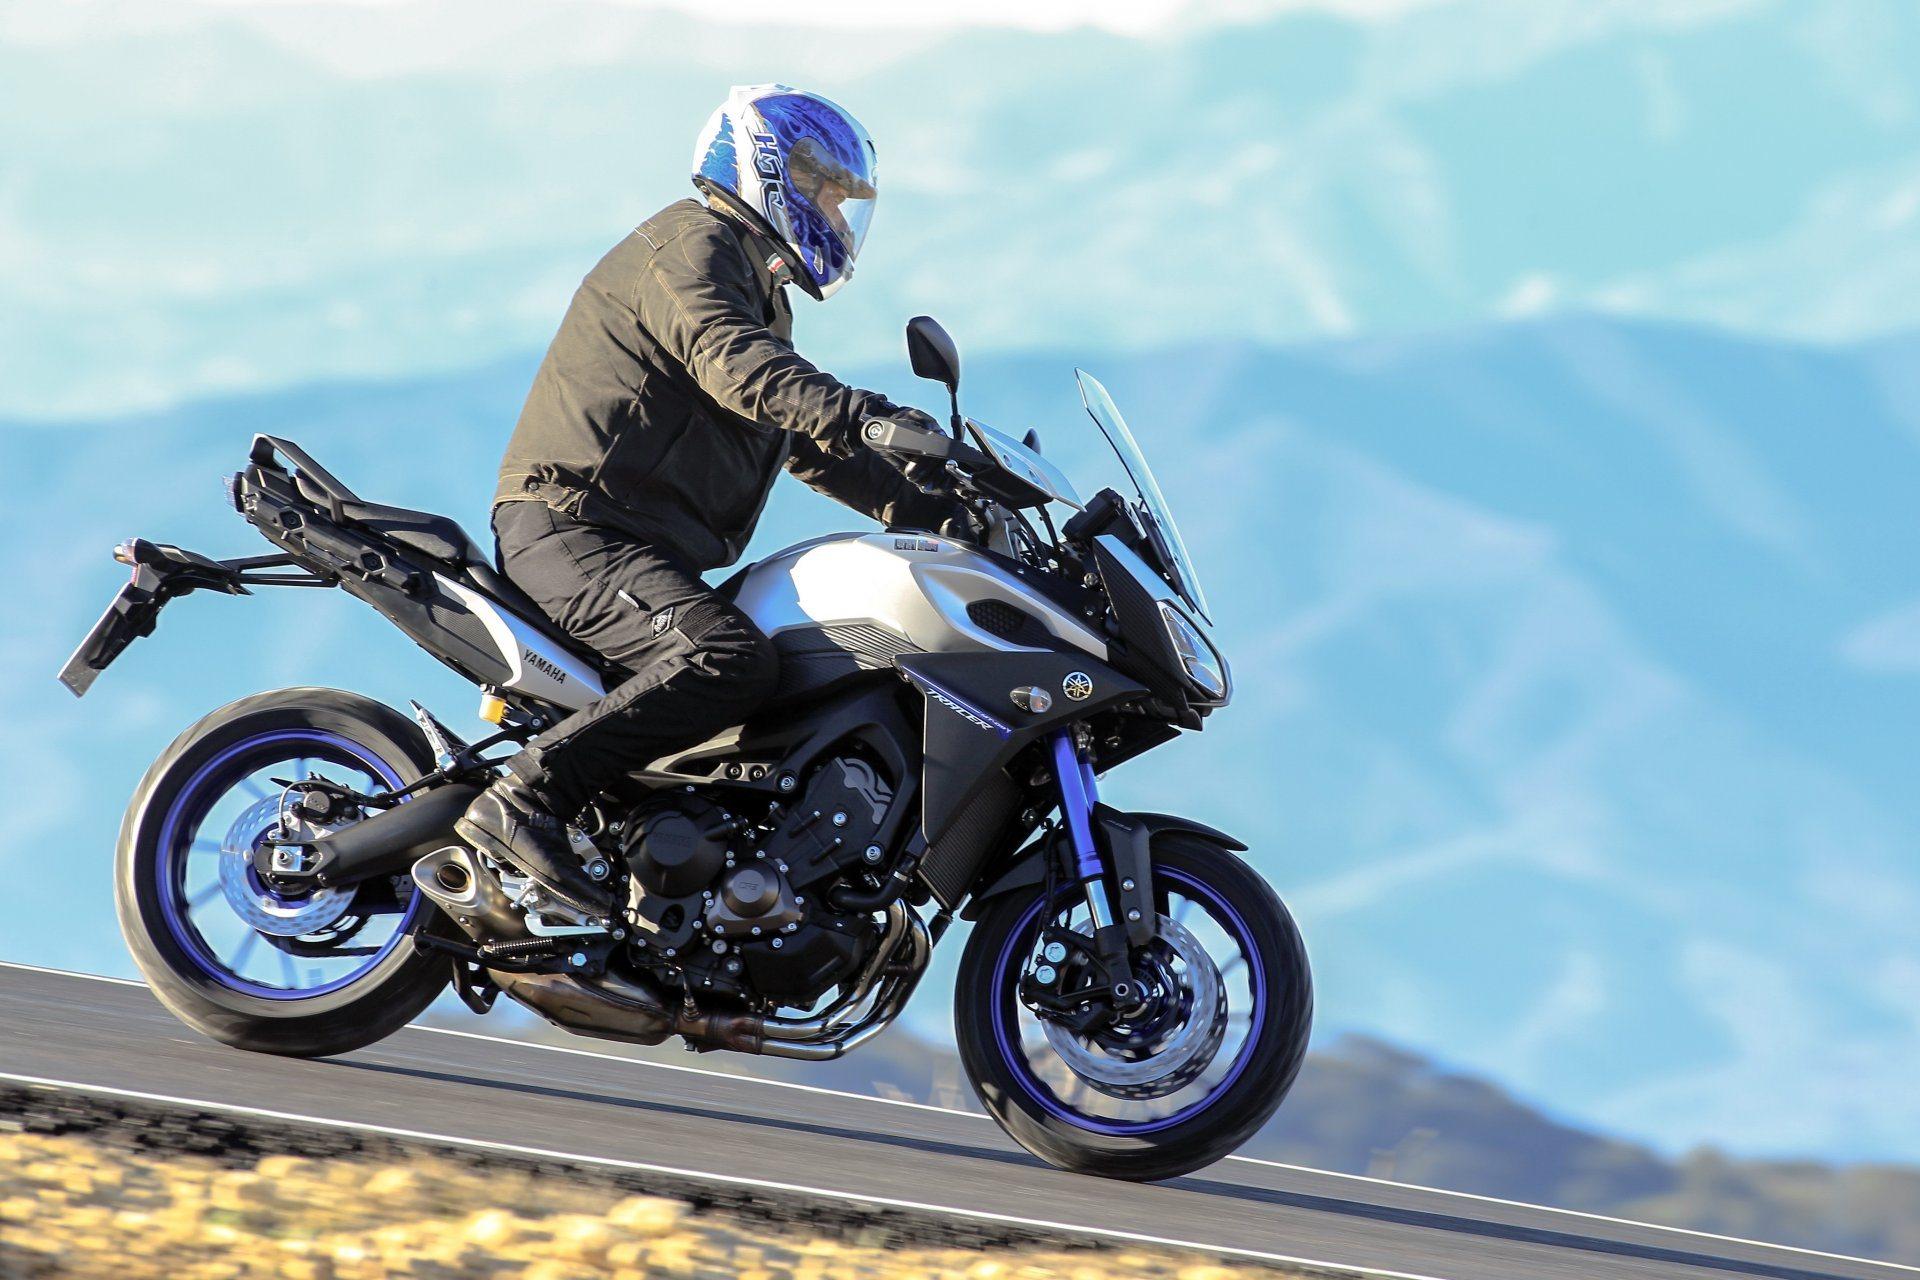 Moto del día: Yamaha Tracer 900 (2015)